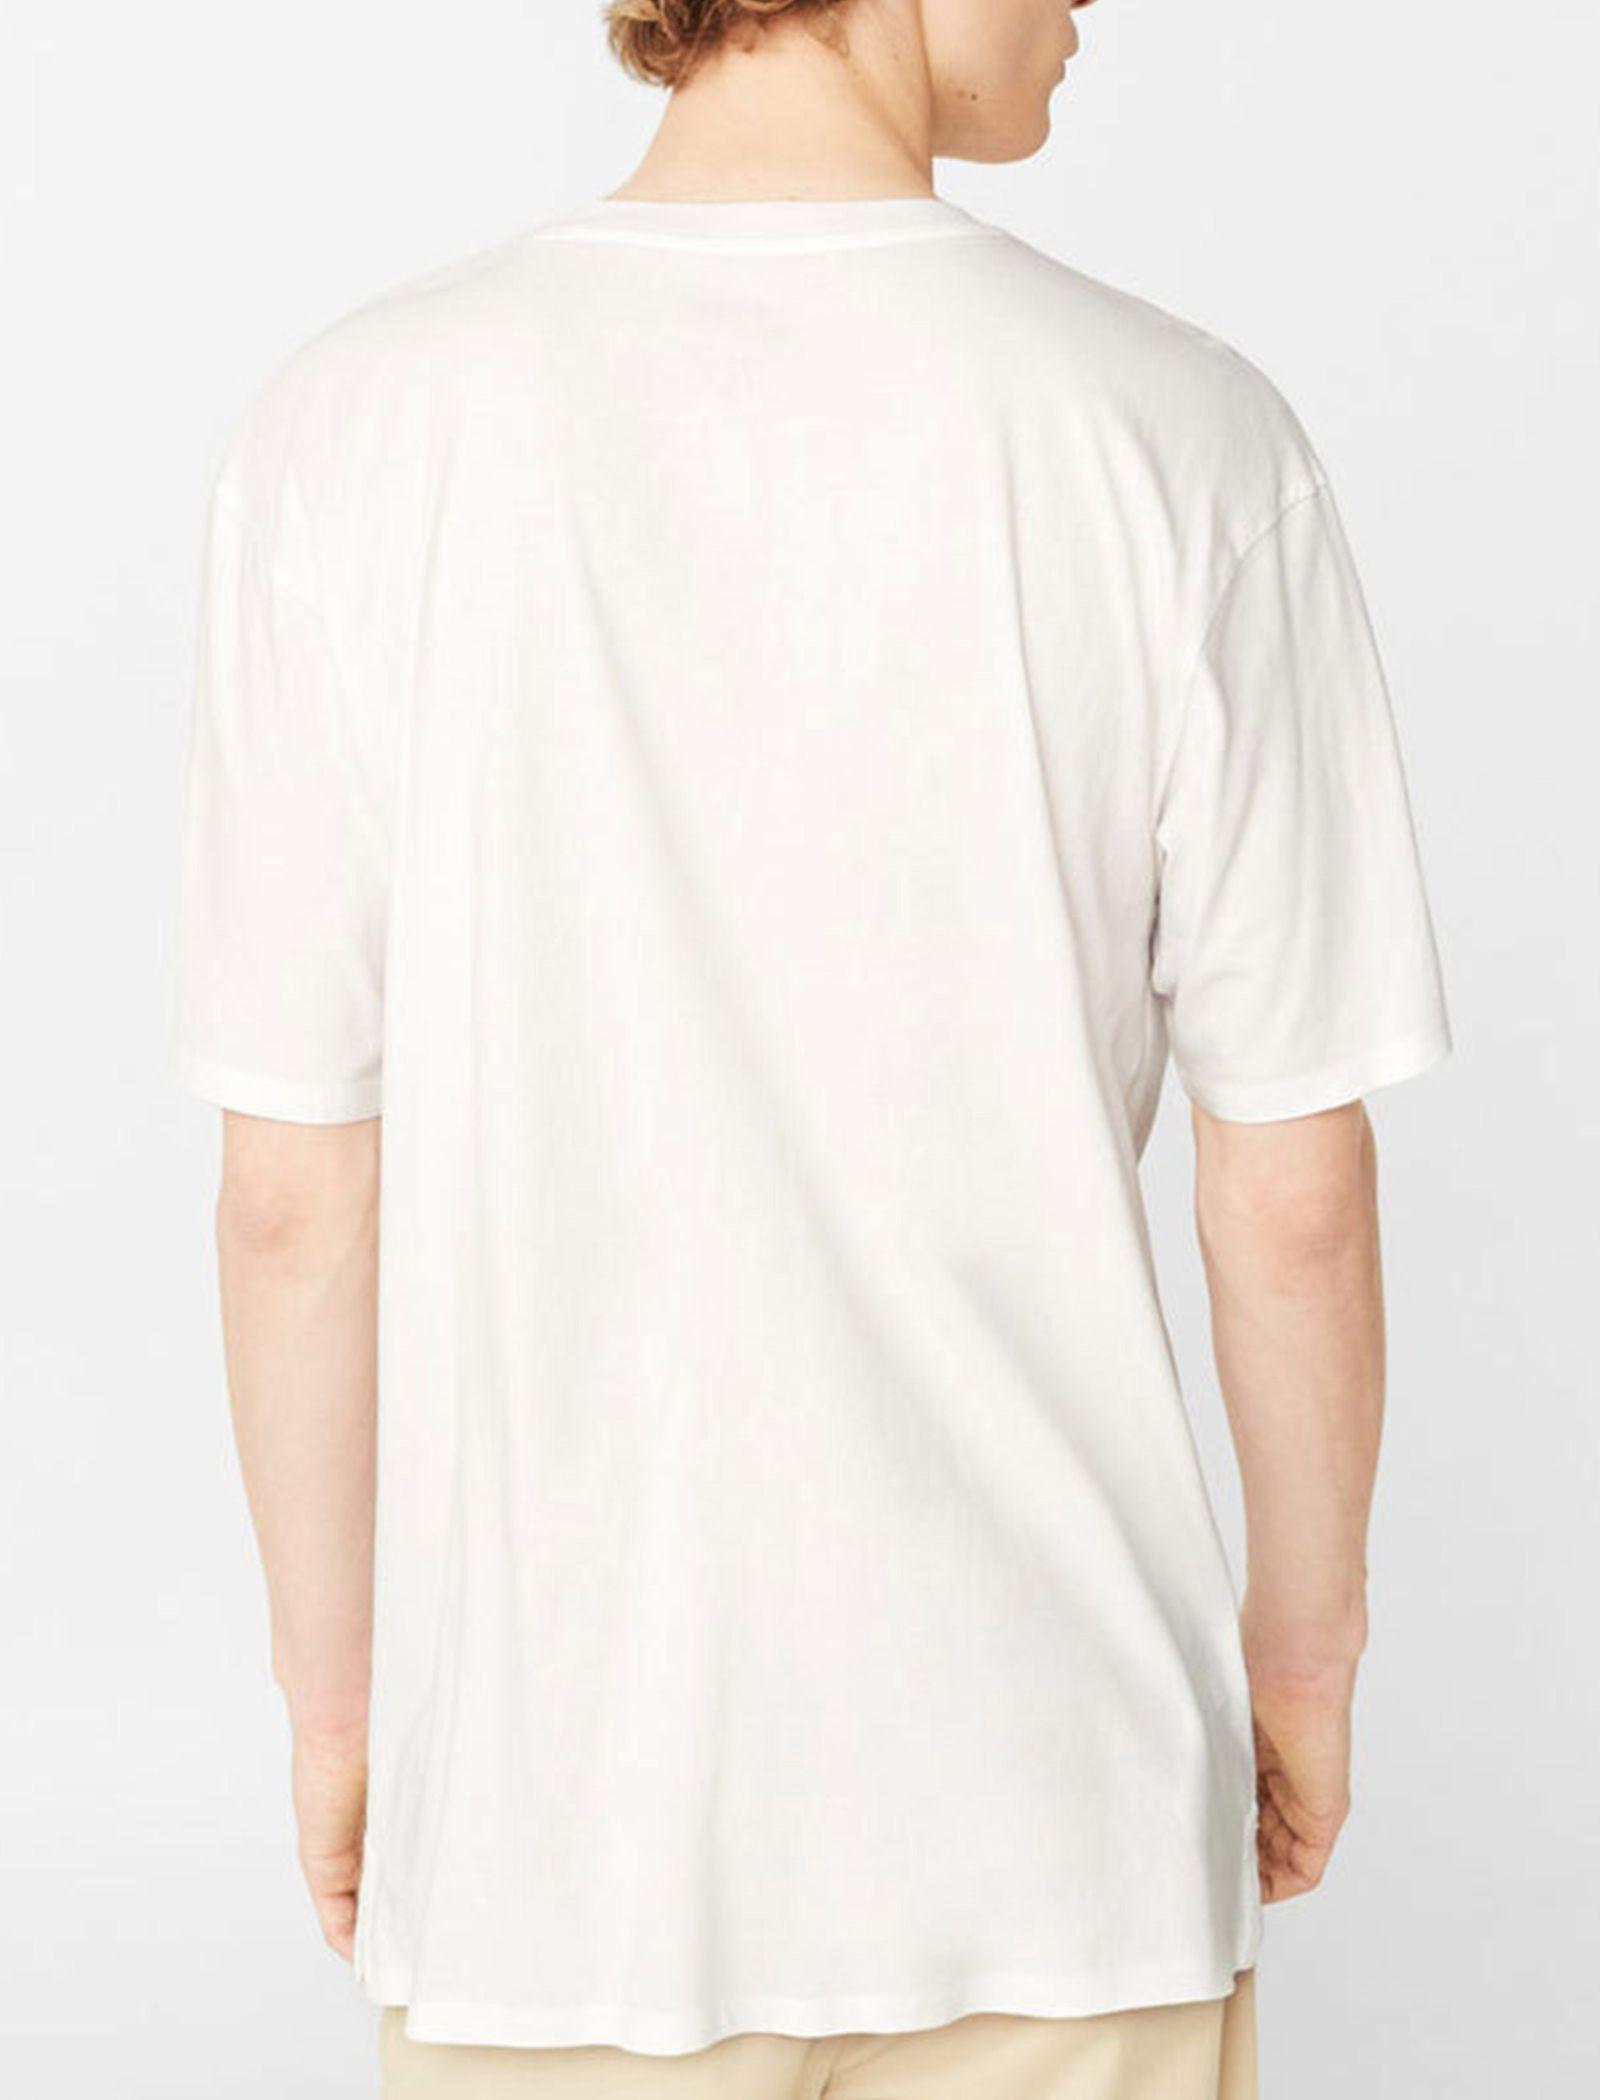 تی شرت نخی یقه گرد مردانه - مانگو - سفيد - 2